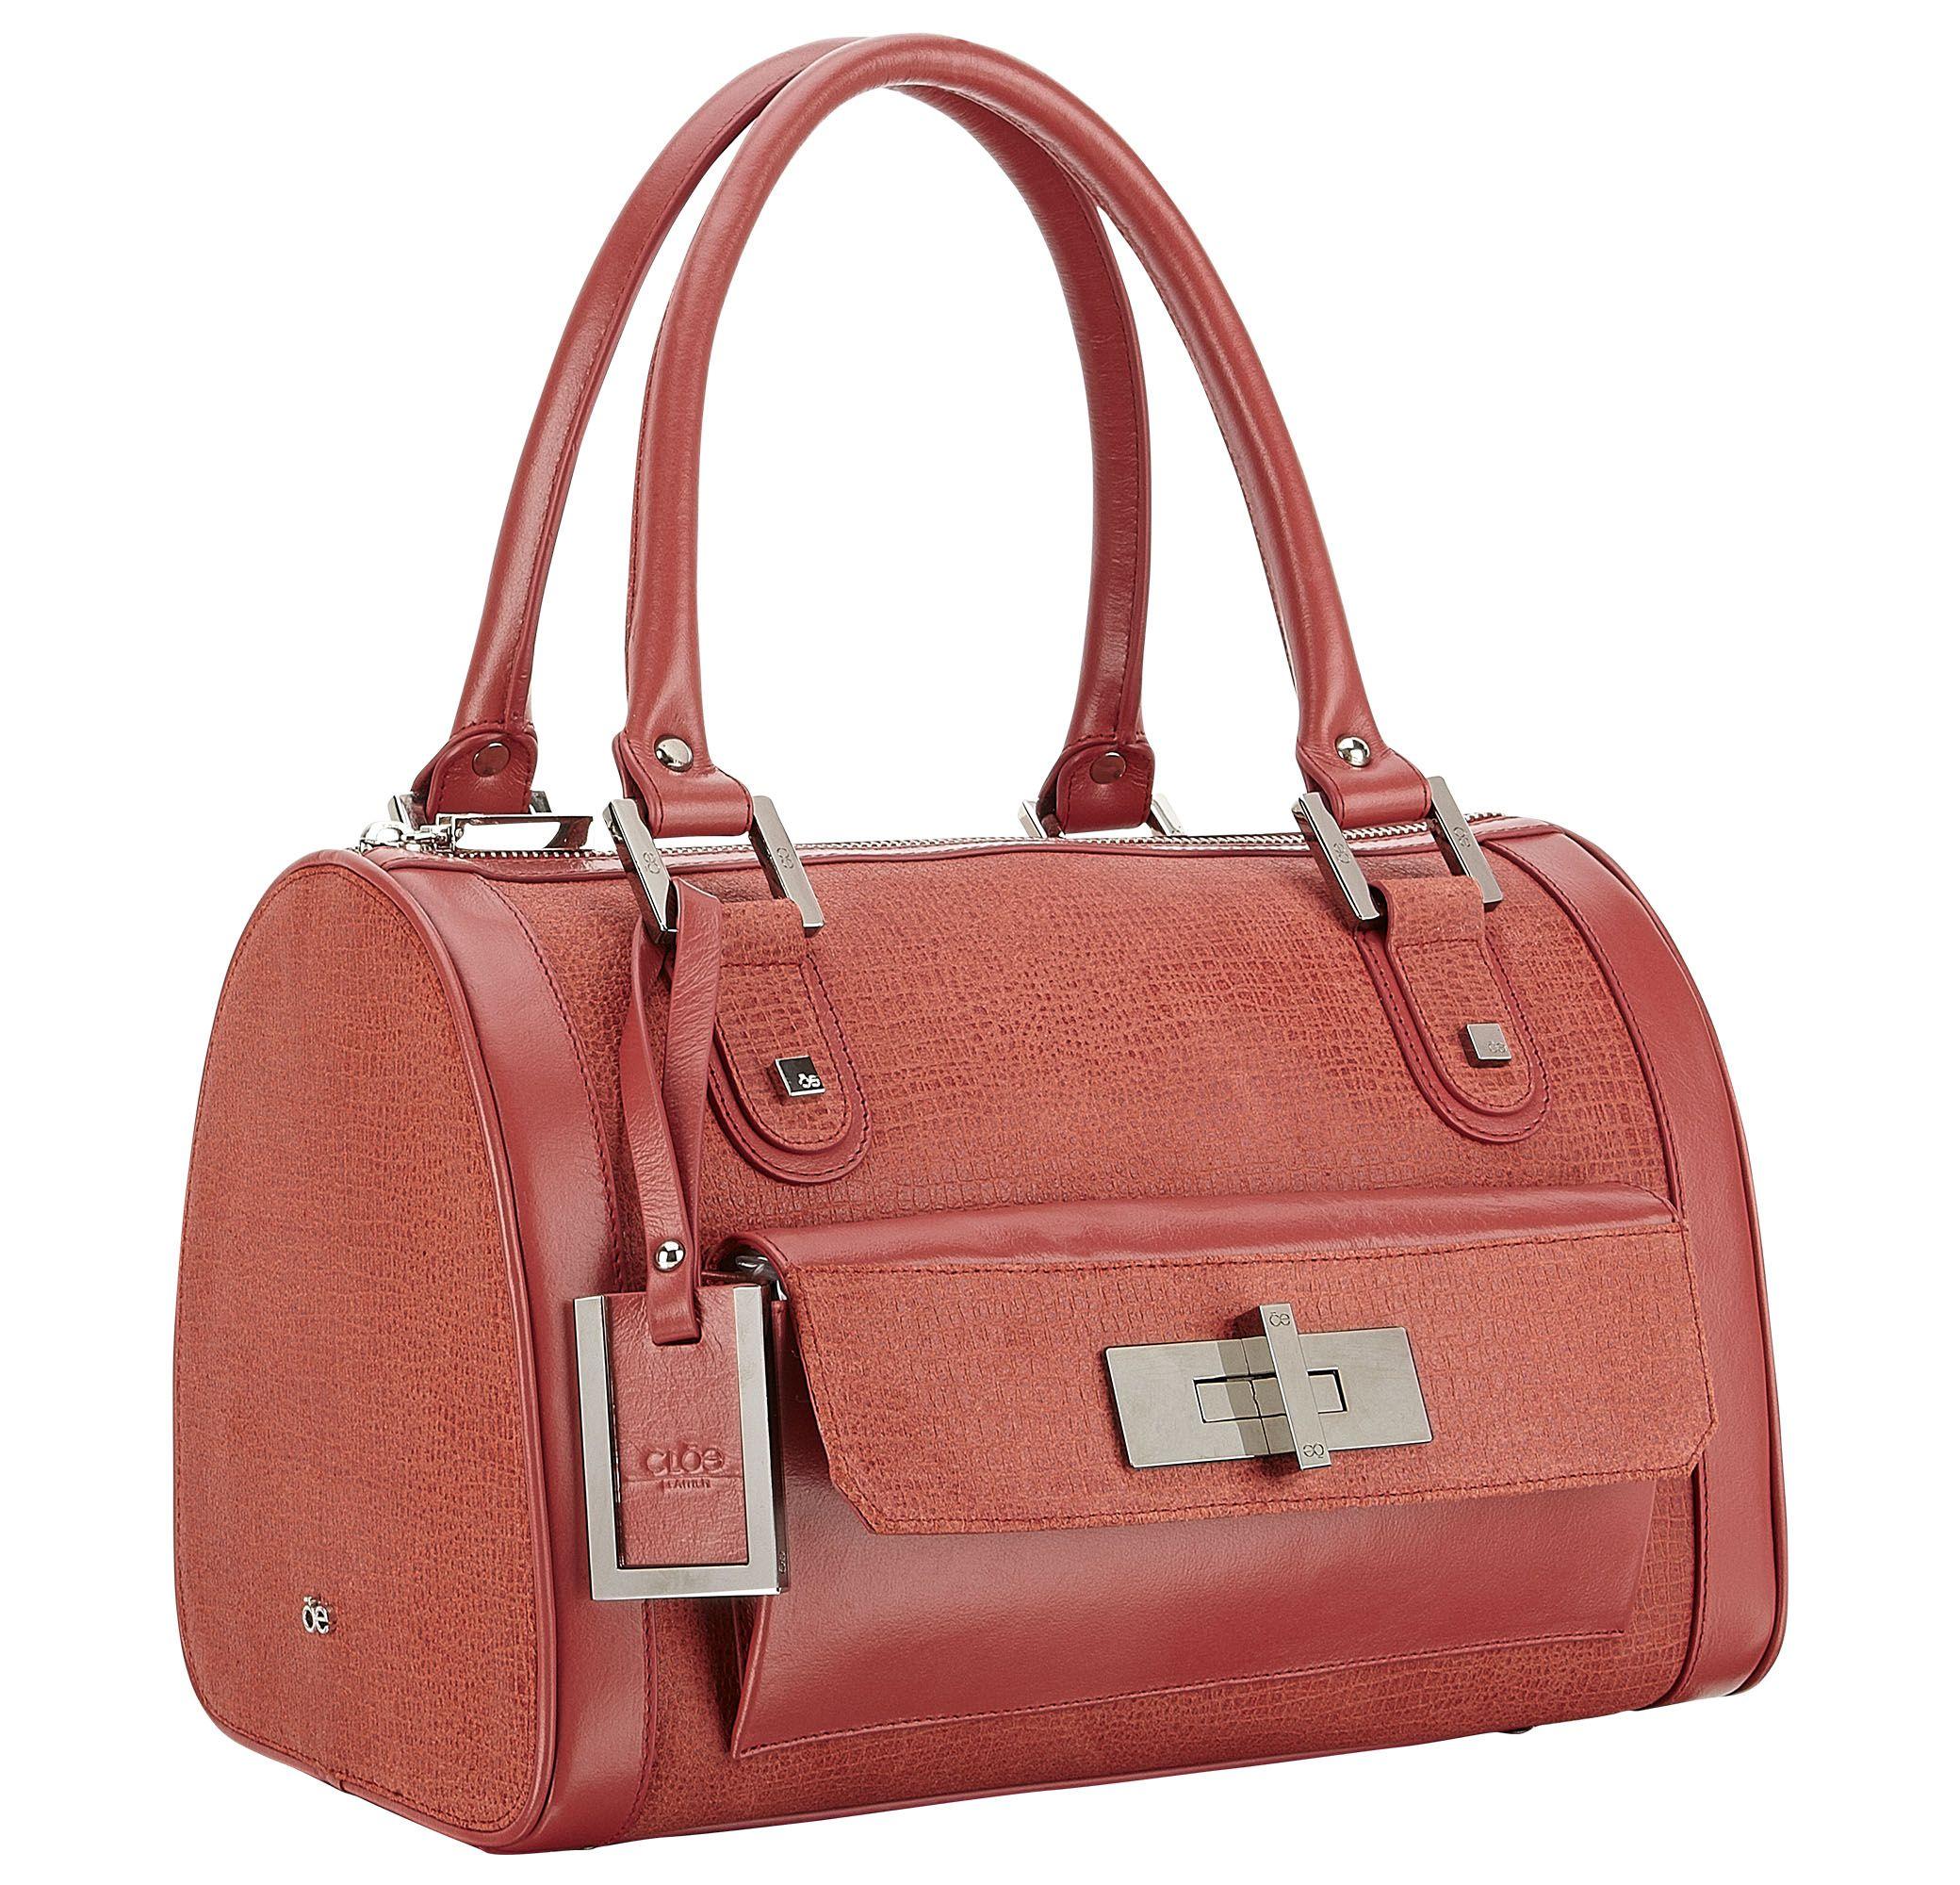 Bag Bolso Cloe Primavera Verano 2017 Baak 603 Oe Moda